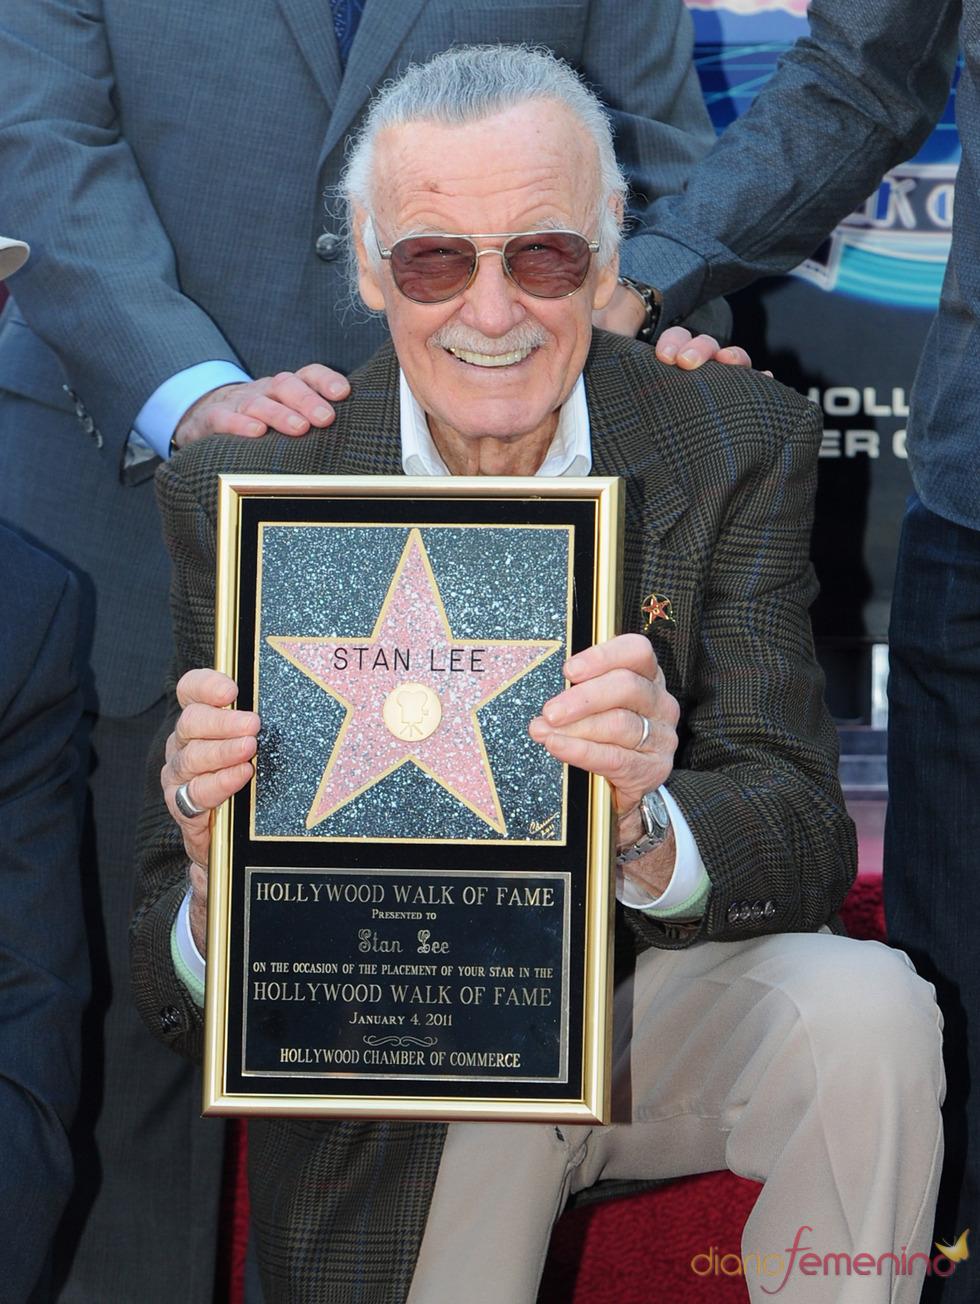 Stan Lee recibe su estrella en el Paseo de la Fama de Hollywood